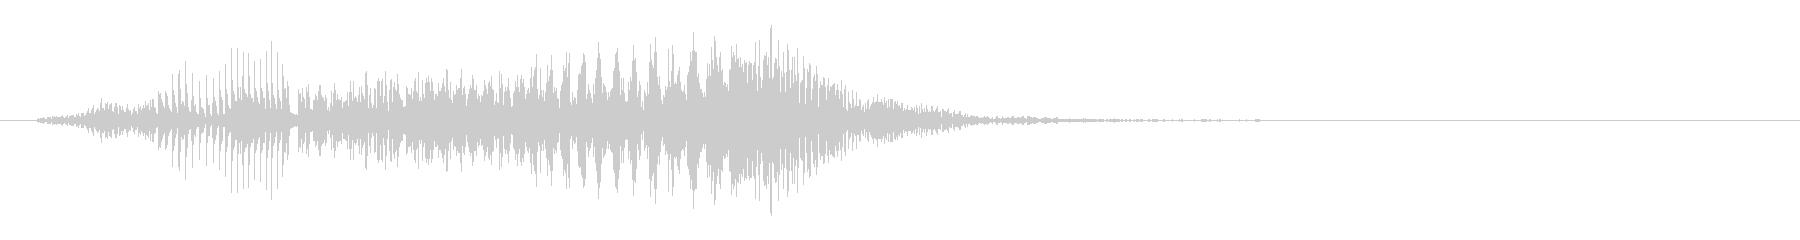 ボーカルエフェクト-「varroom」の未再生の波形